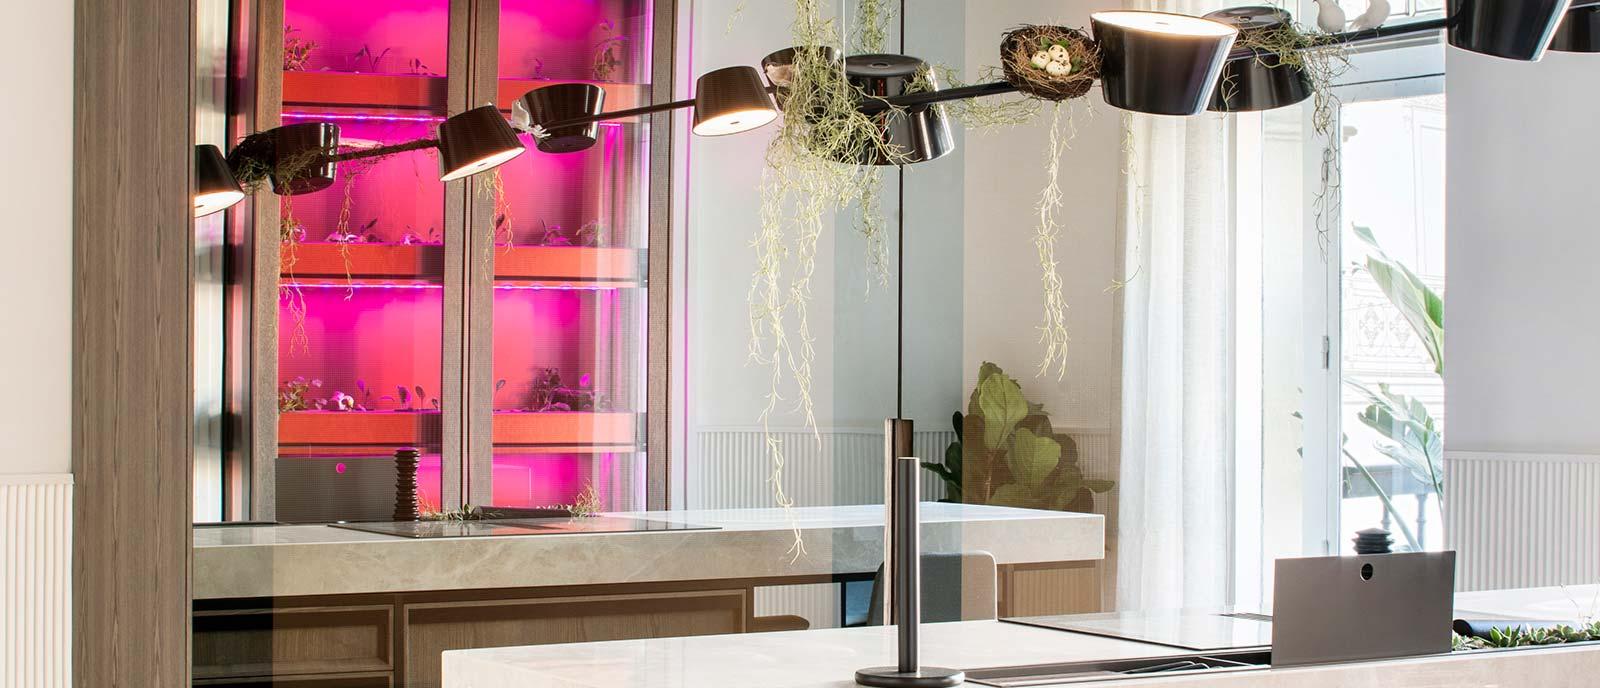 Espacio Delta Cocinas – Cocina «Delta ECO: sostenibilidad más allá del mobiliario»